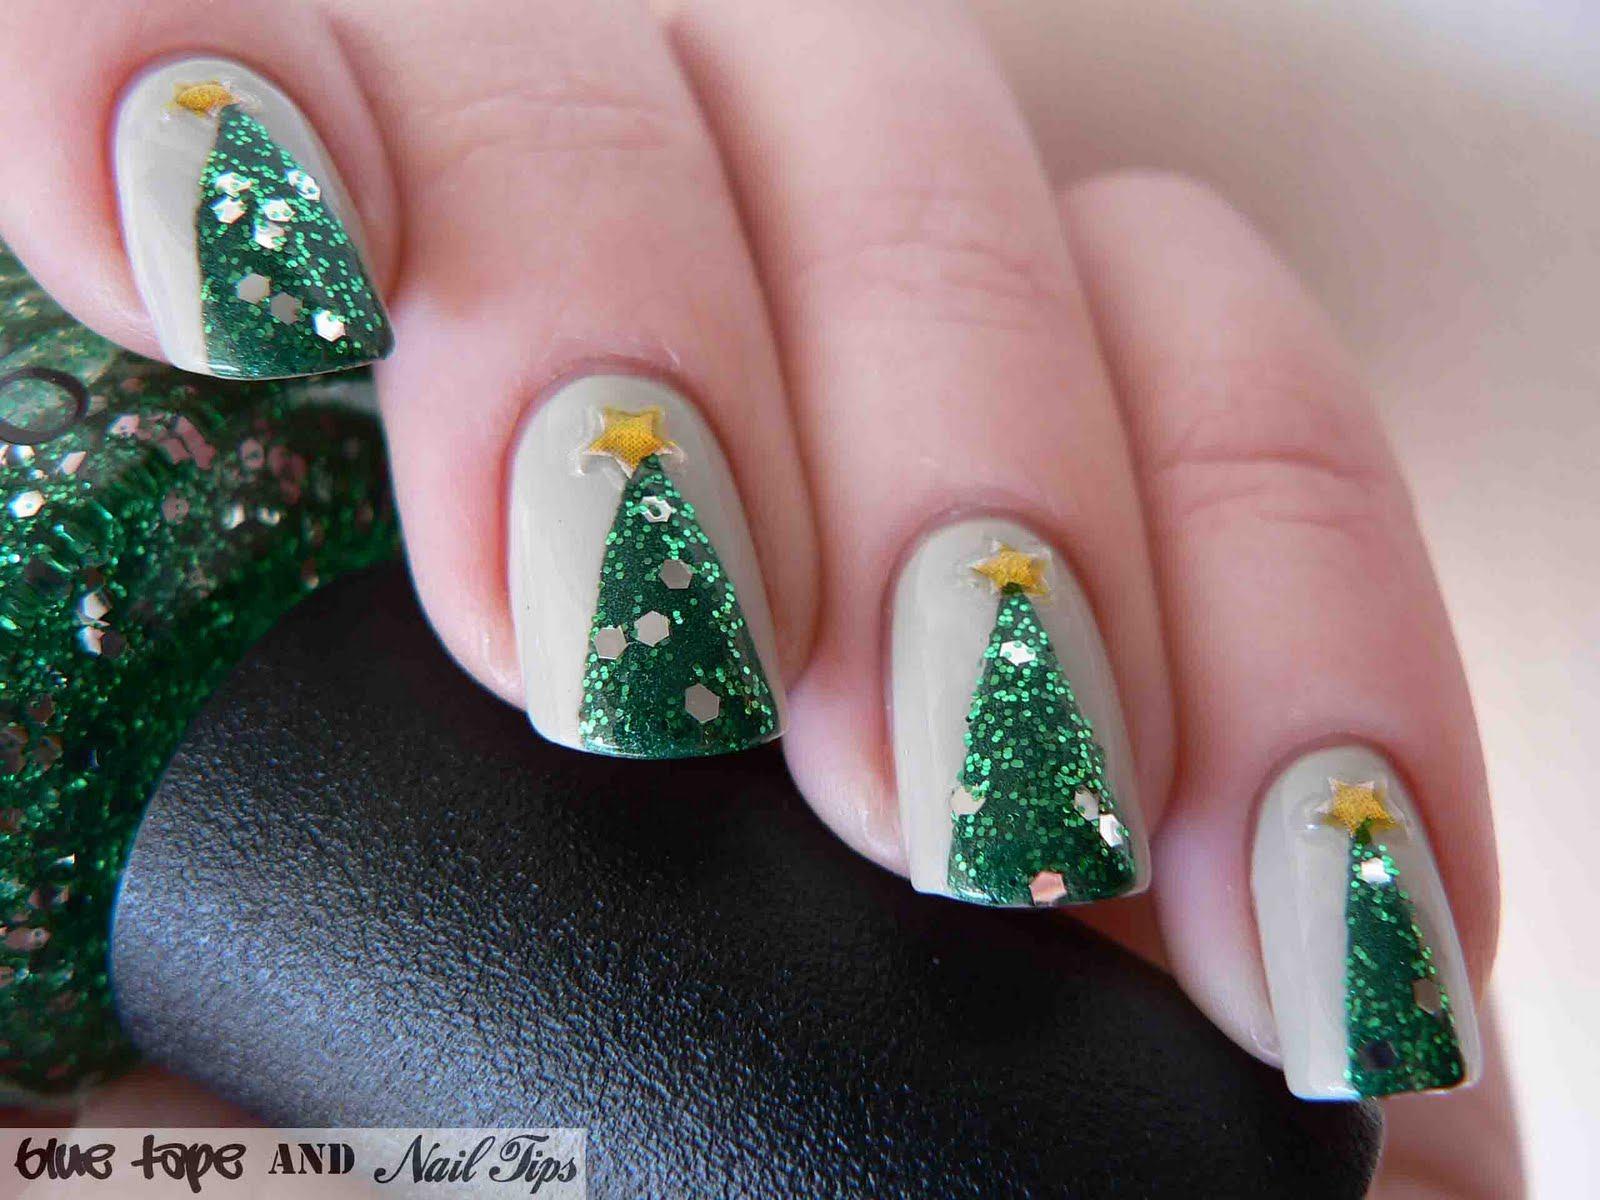 Новогодний маникюр 2018 года: идеи праздничного дизайна ногтей